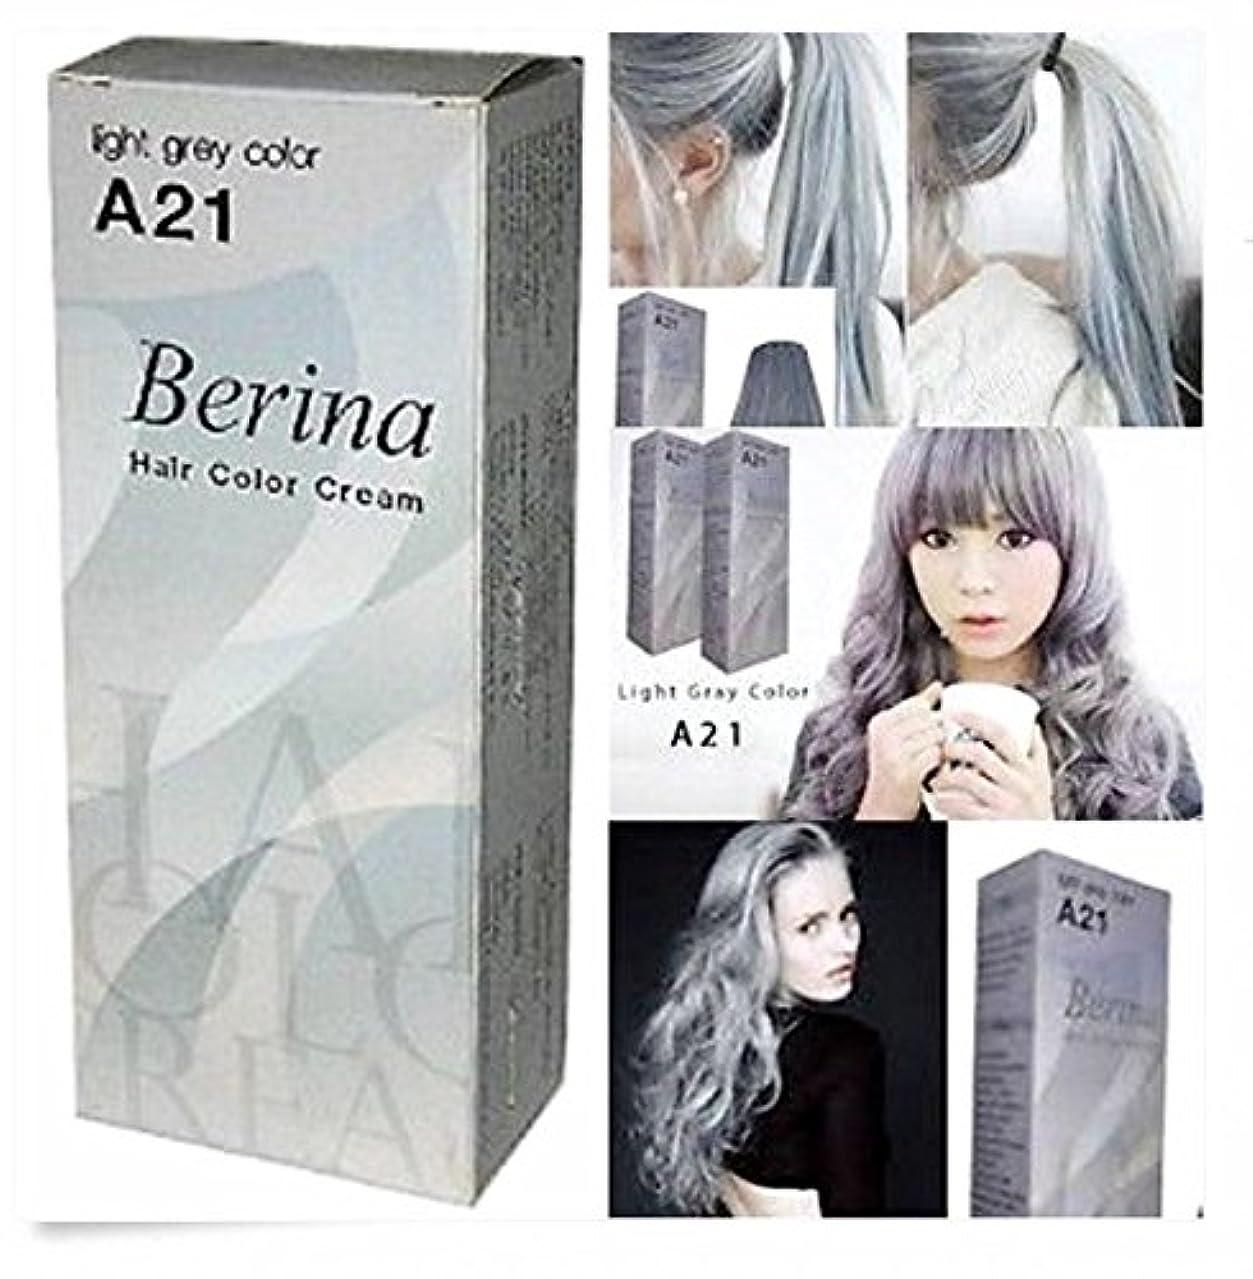 フェード所得薄汚いベリーナ 永久毛染めカラークリーム 明るい灰色シルバー#21